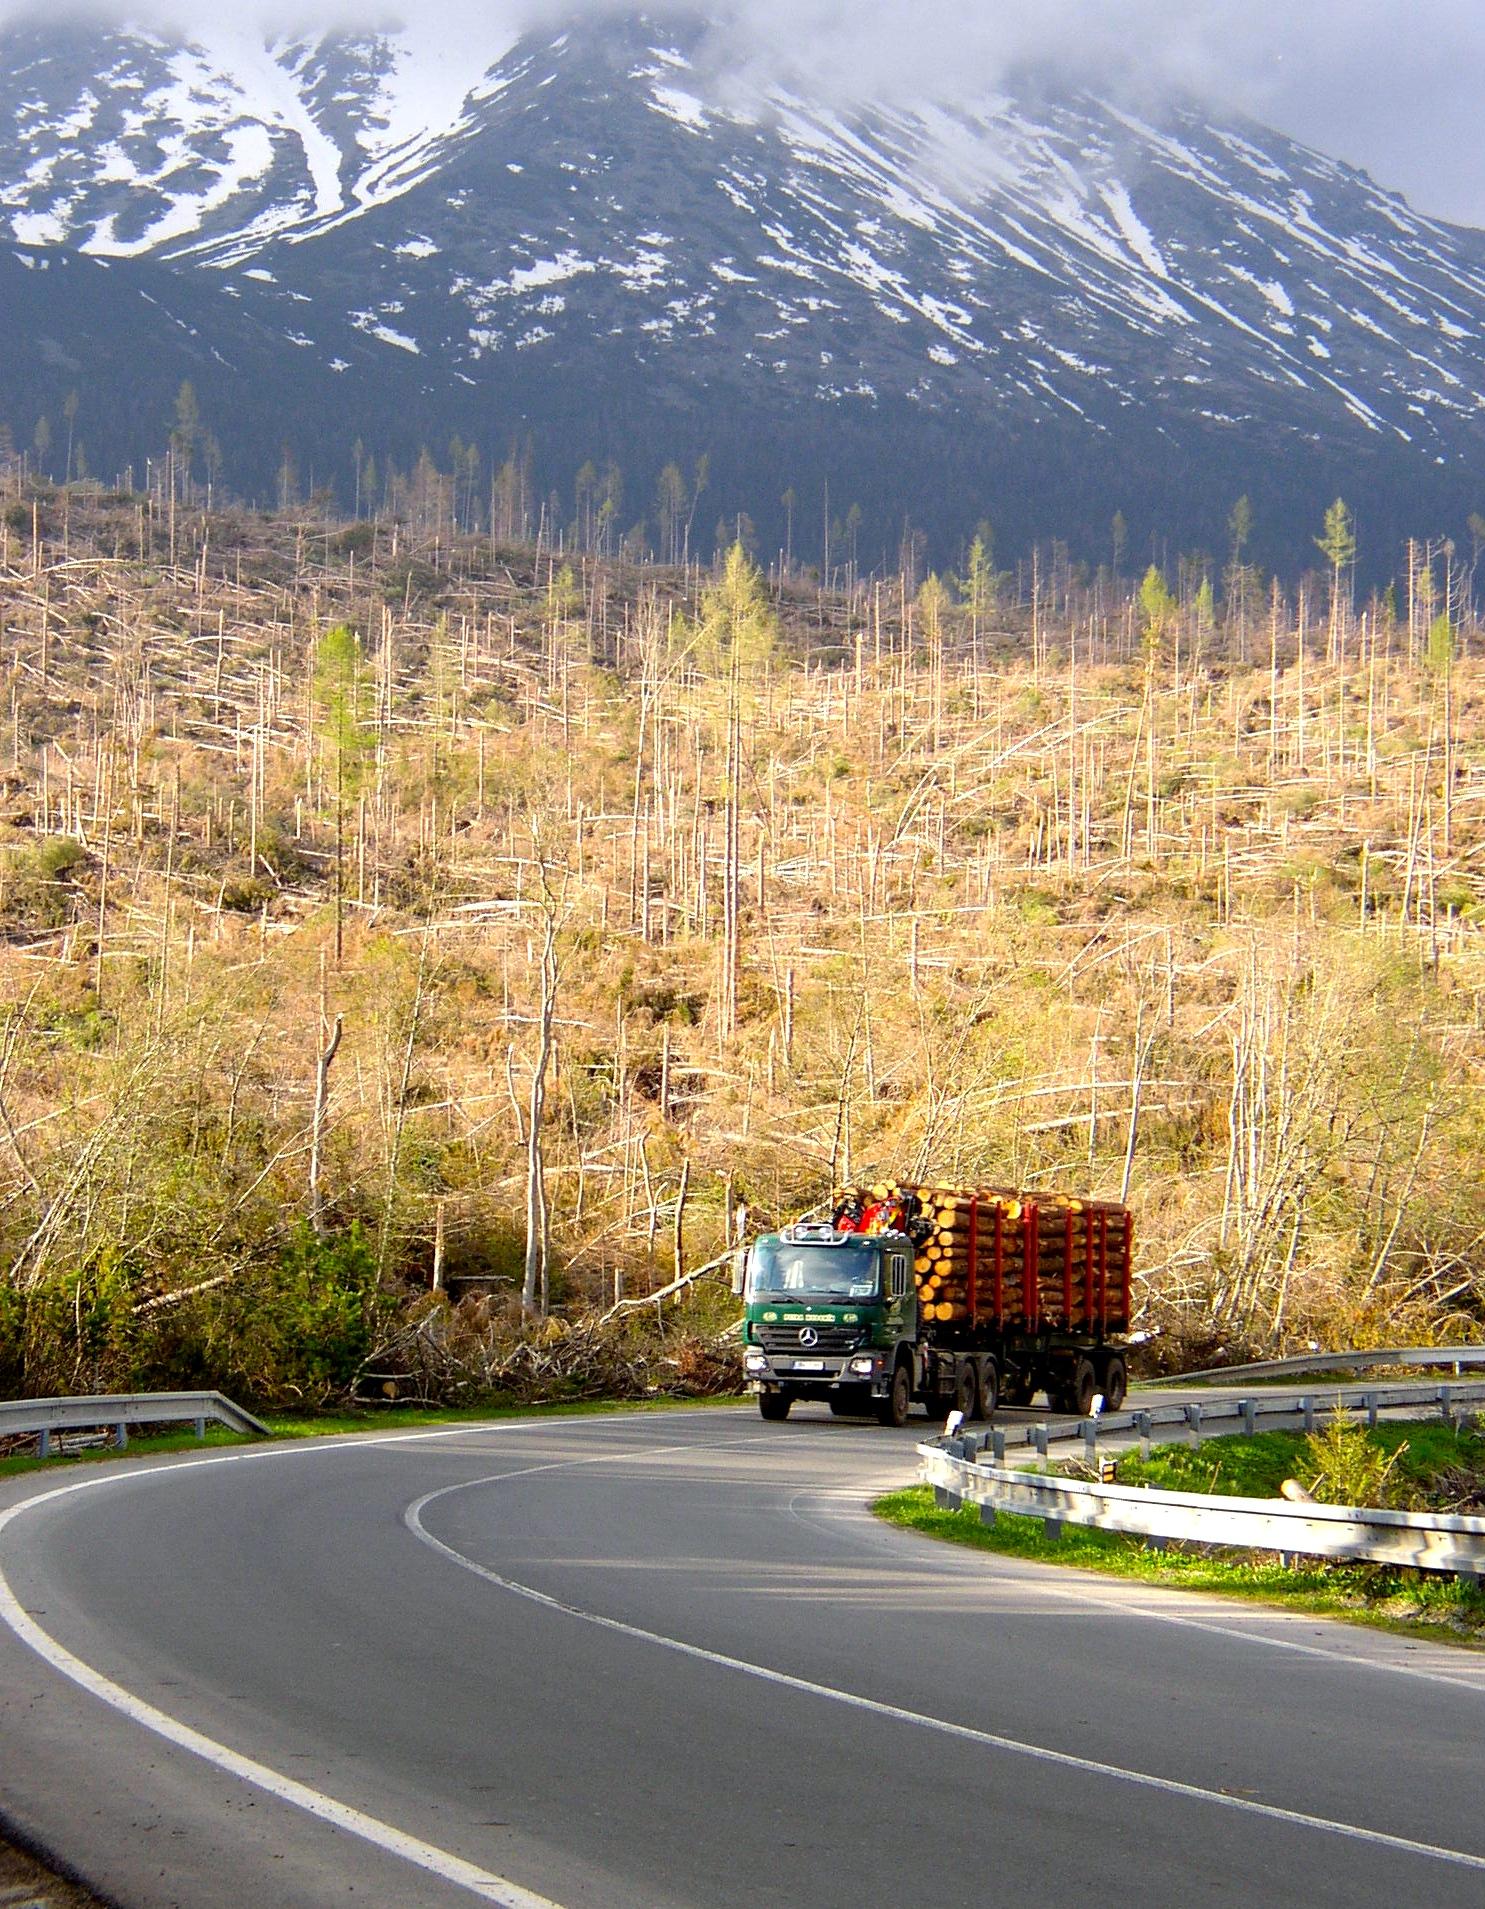 Územie Vysokých Tatier zasiahnuté veternou smršťou bolo dlhé 50 a široké 5 kilometrov. (Foto: Pavel Kapusta)